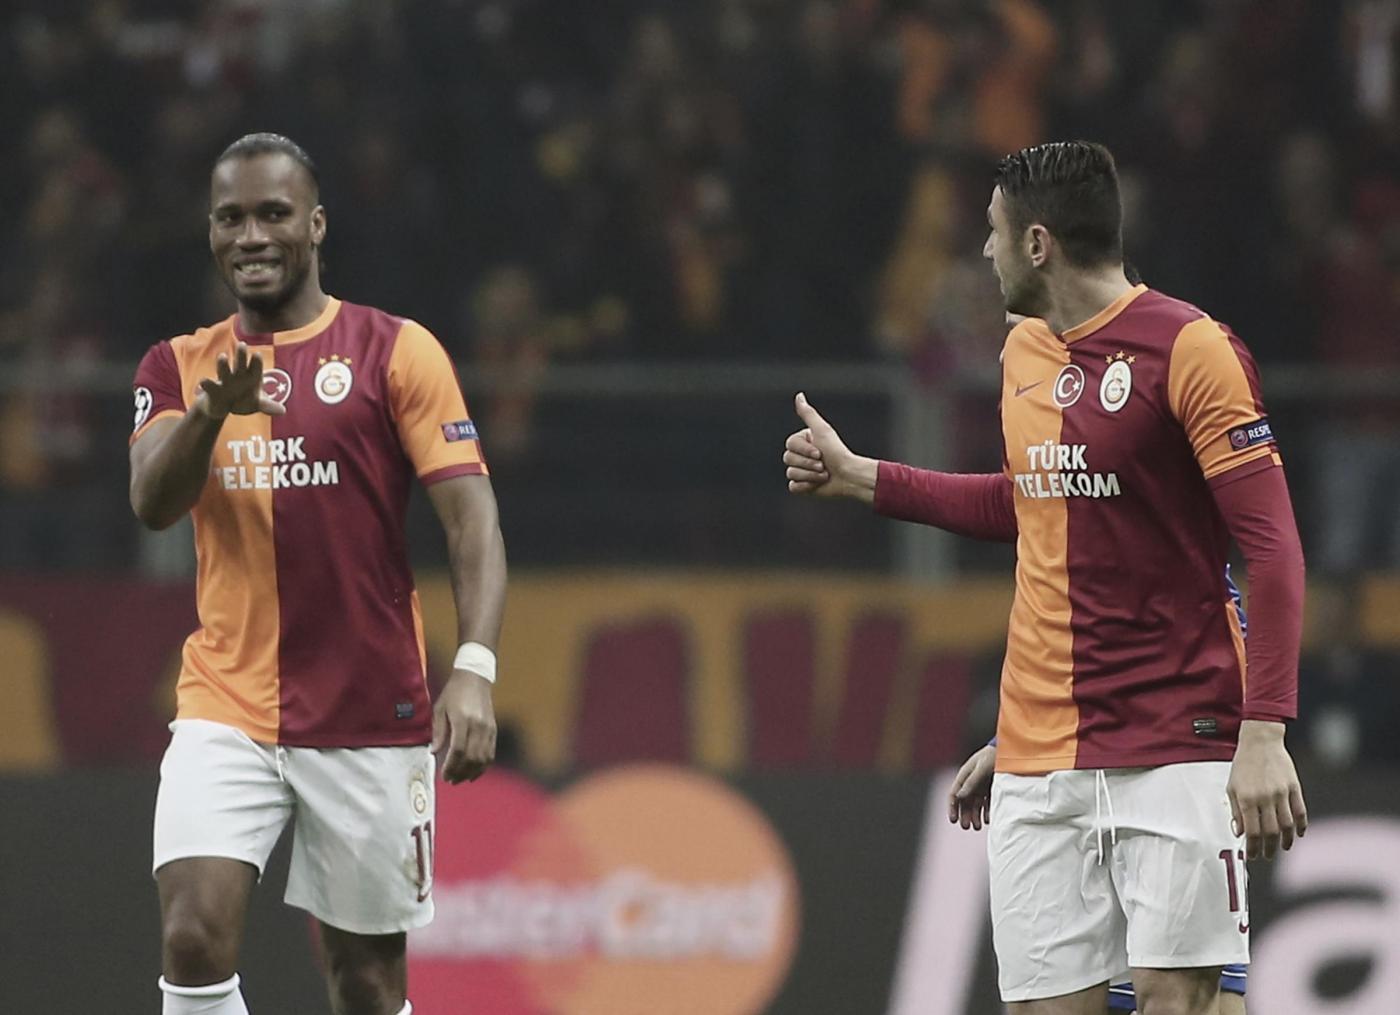 Bucaspor-Galatasaray 18 gennaio, analisi e pronostico Coppa di Turchia